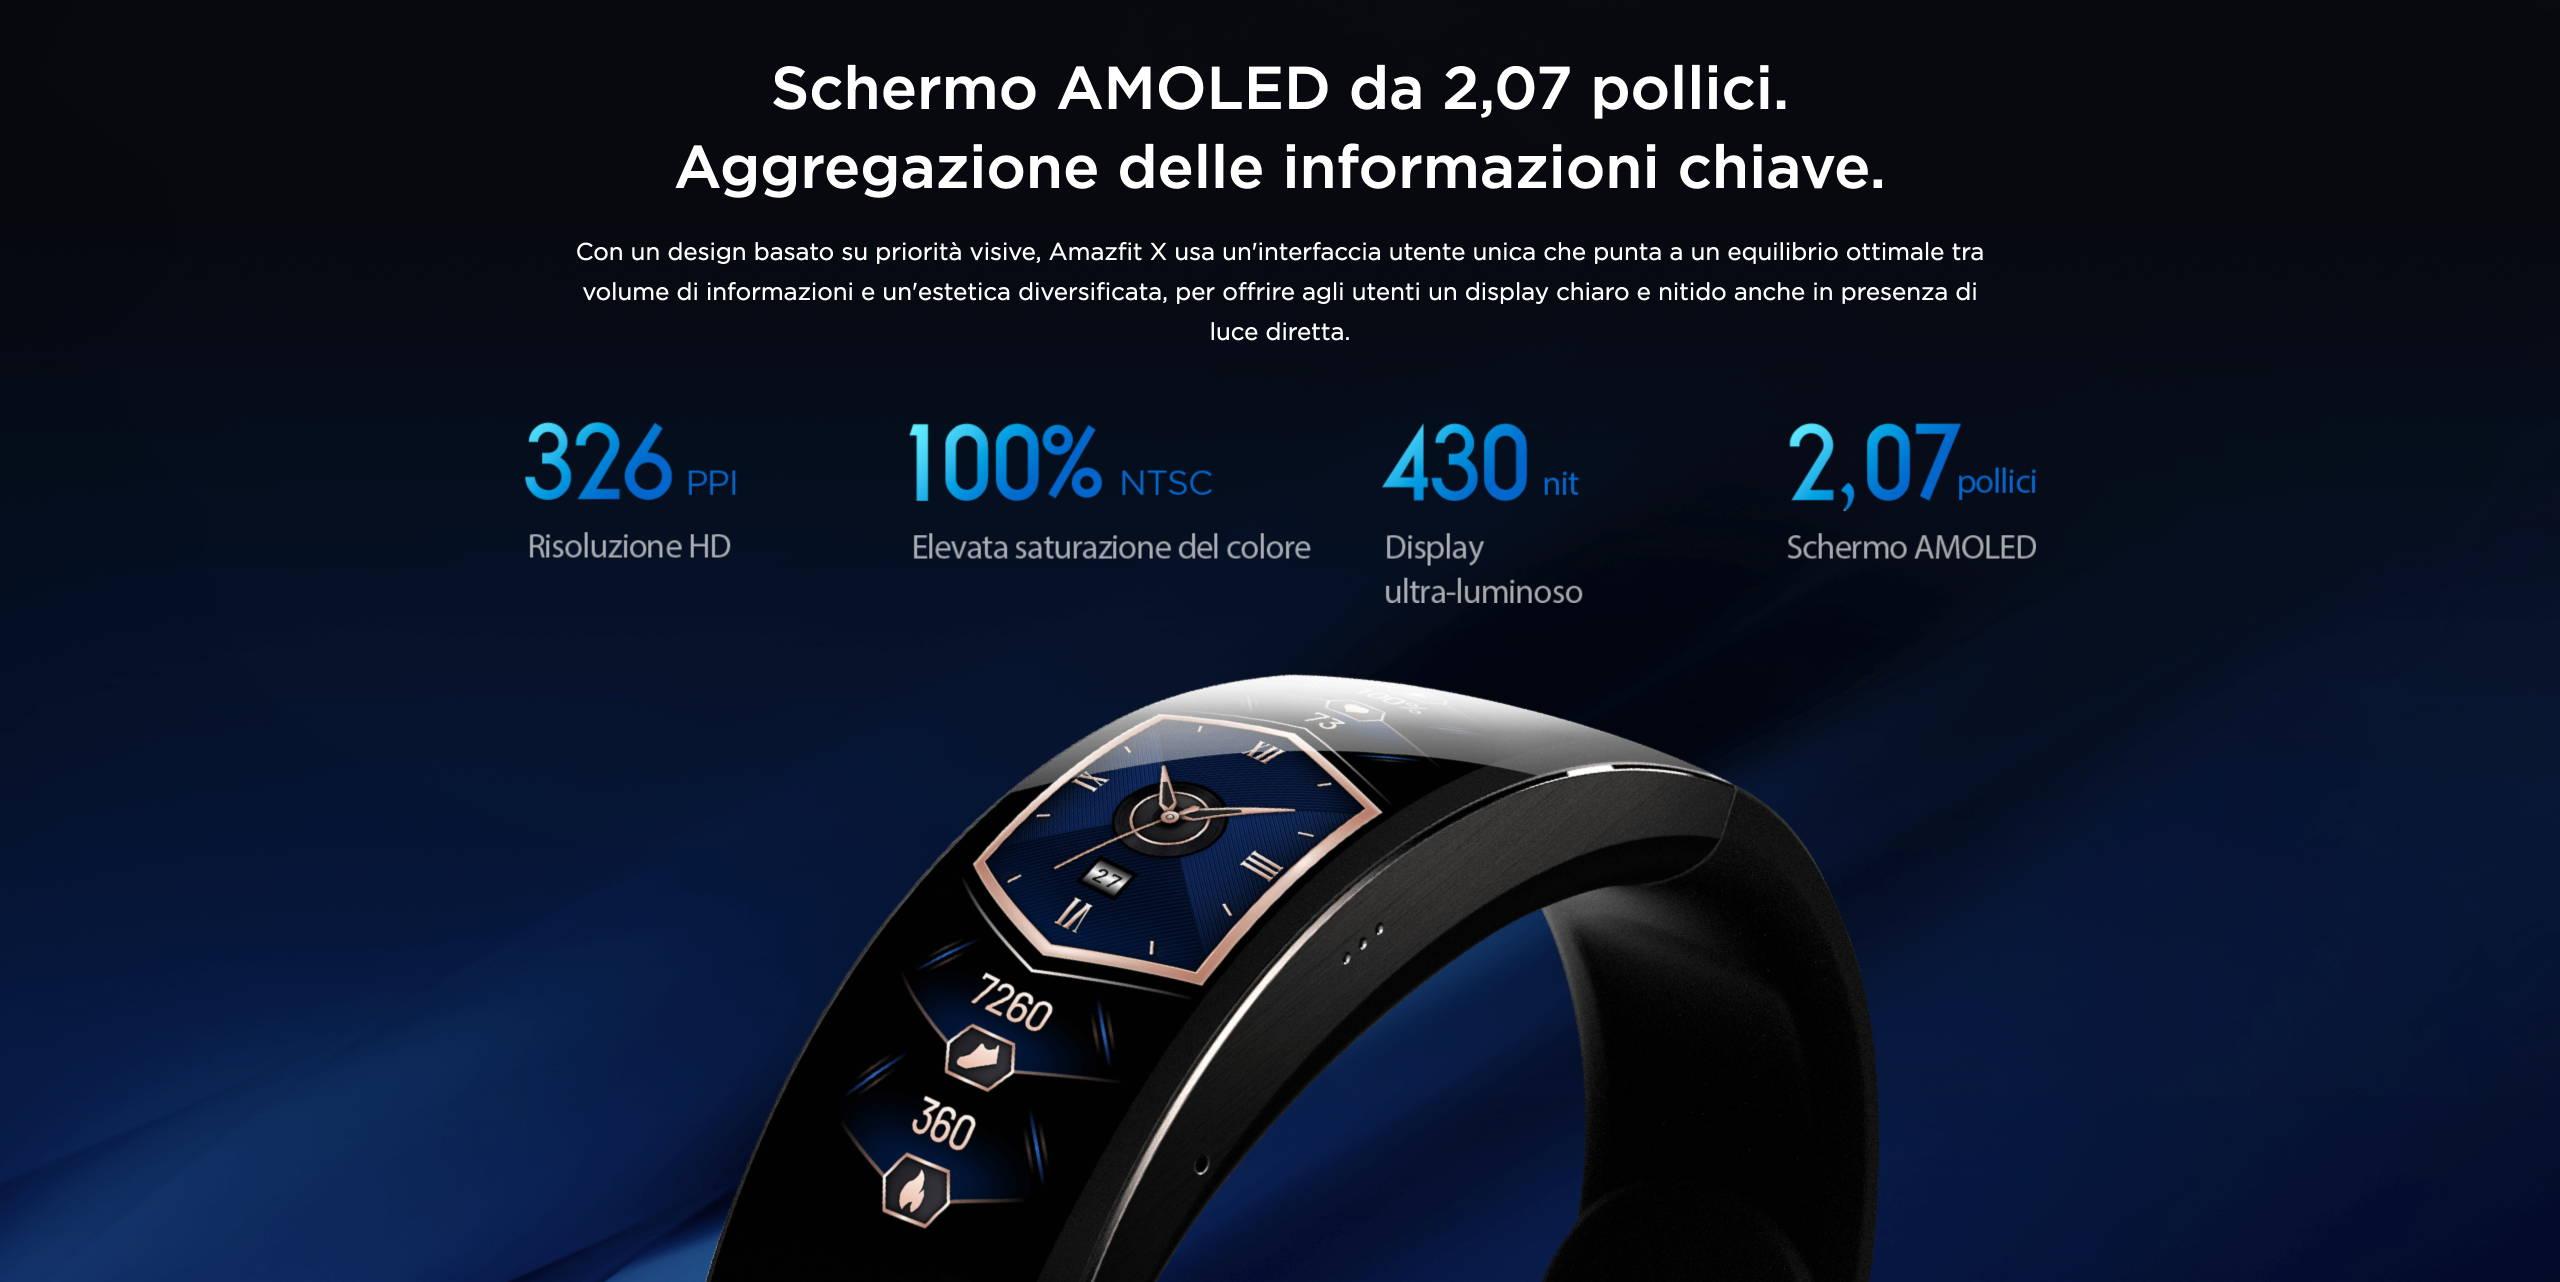 Amazfit X - Schermo AMOLED da 2,07 pollici. Aggregazione delle informazioni chiave.